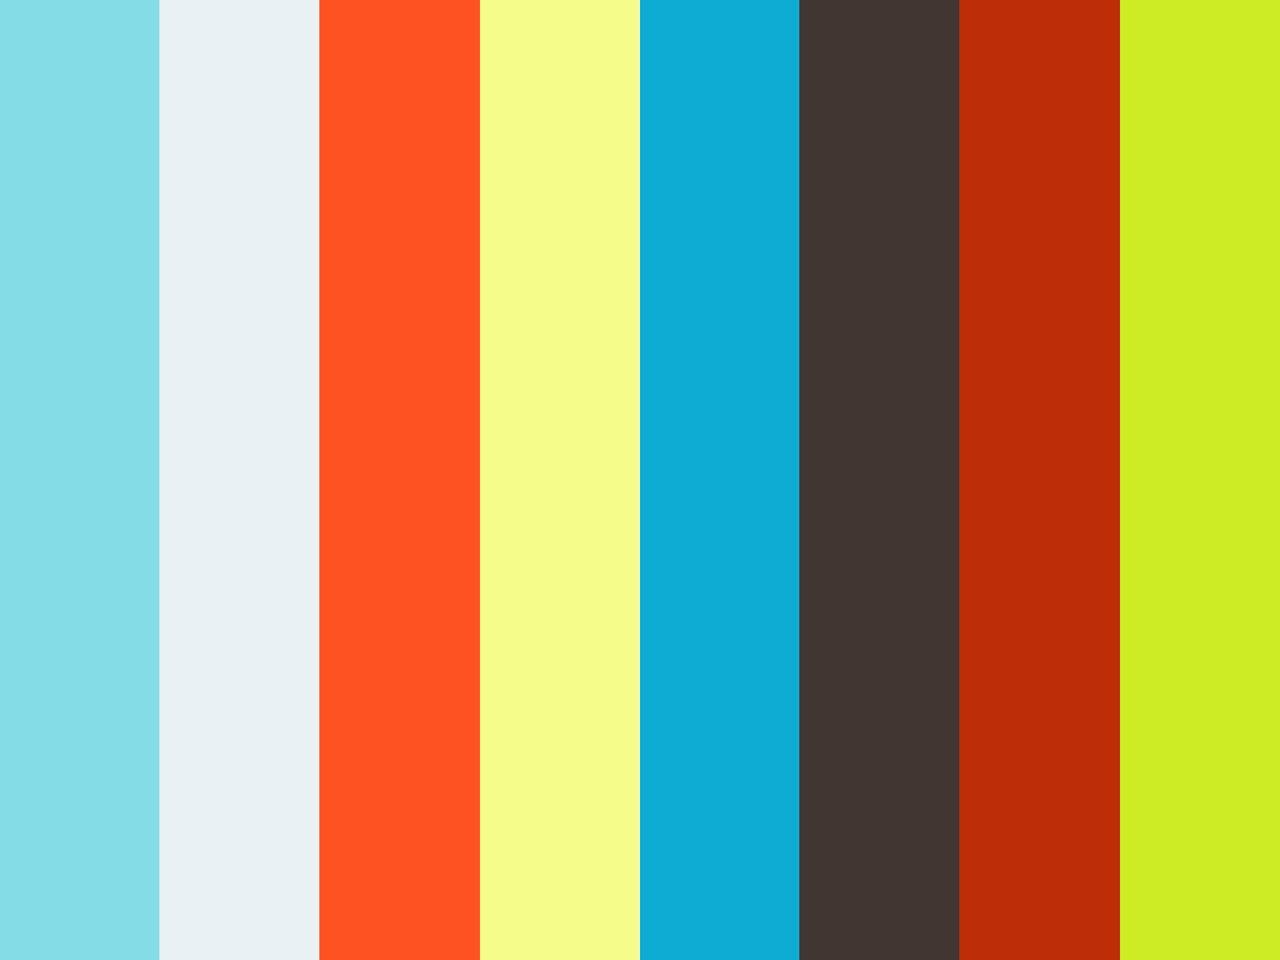 002869 - SNTV - Sint-Niklaas in beweging